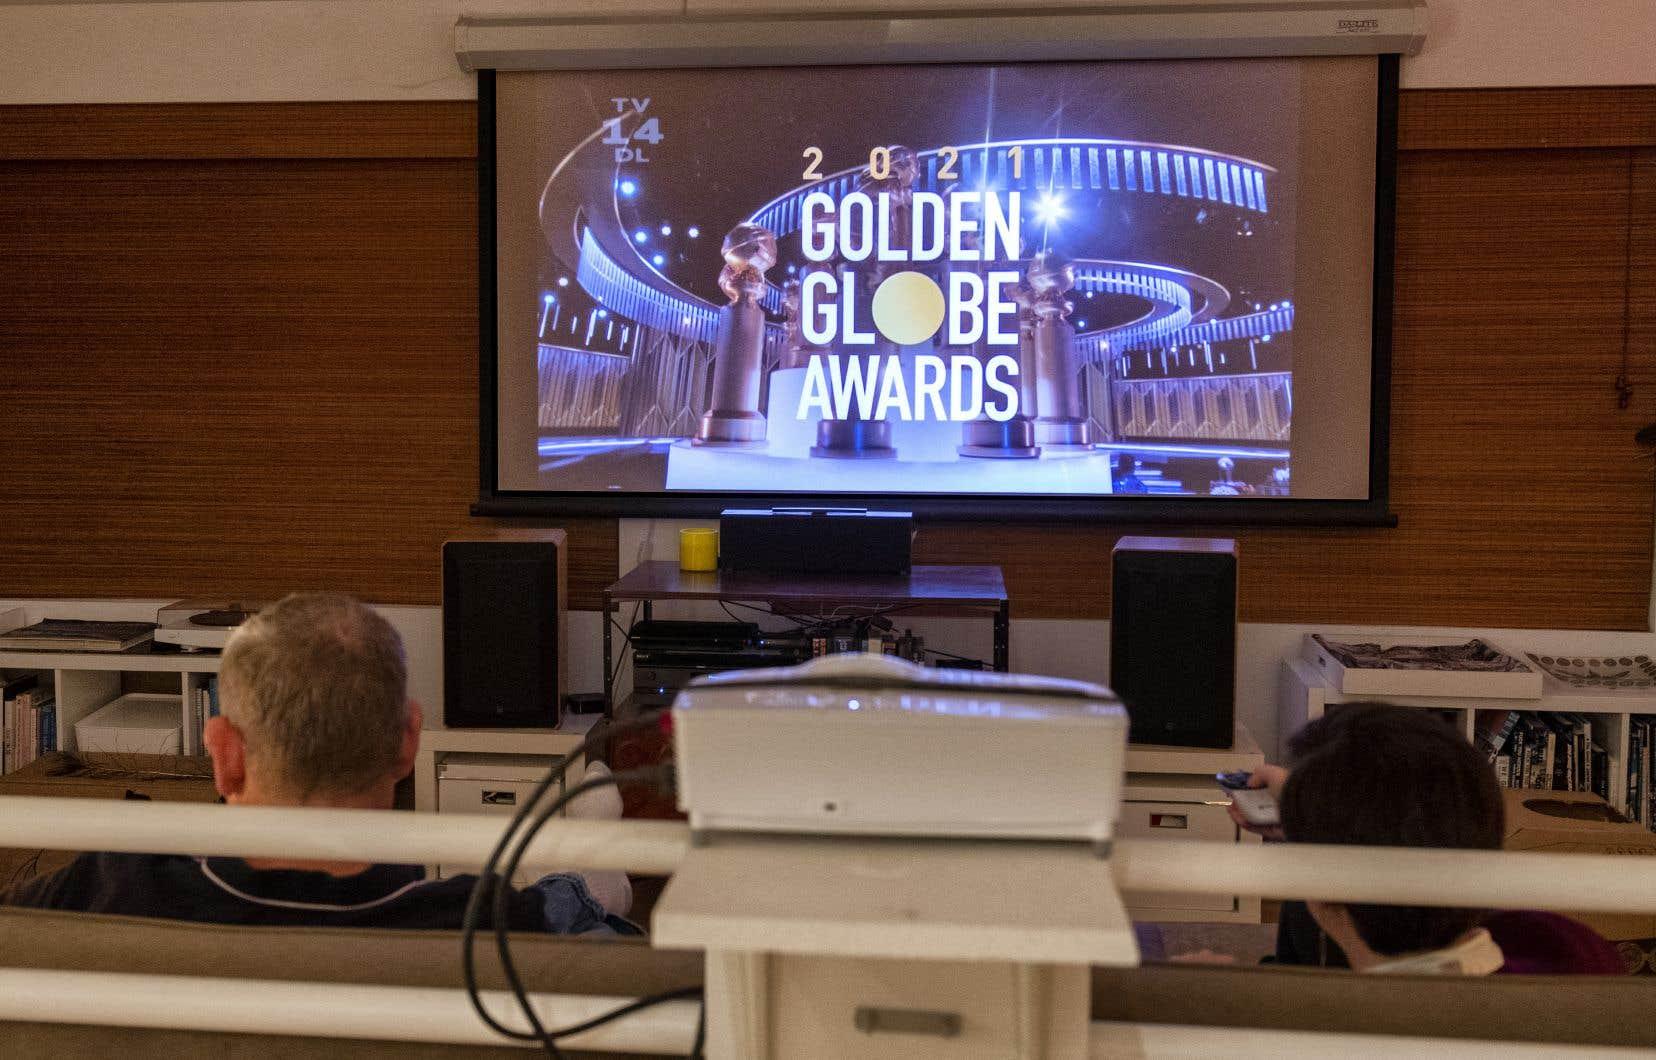 Toujours prestigieux, mais en perte de vitesse ces dernières années, les Golden Globes avaient commencé à s'interroger sur leur avenir après des menaces de boycottage qu'avaient suscitées les récentes controverses.